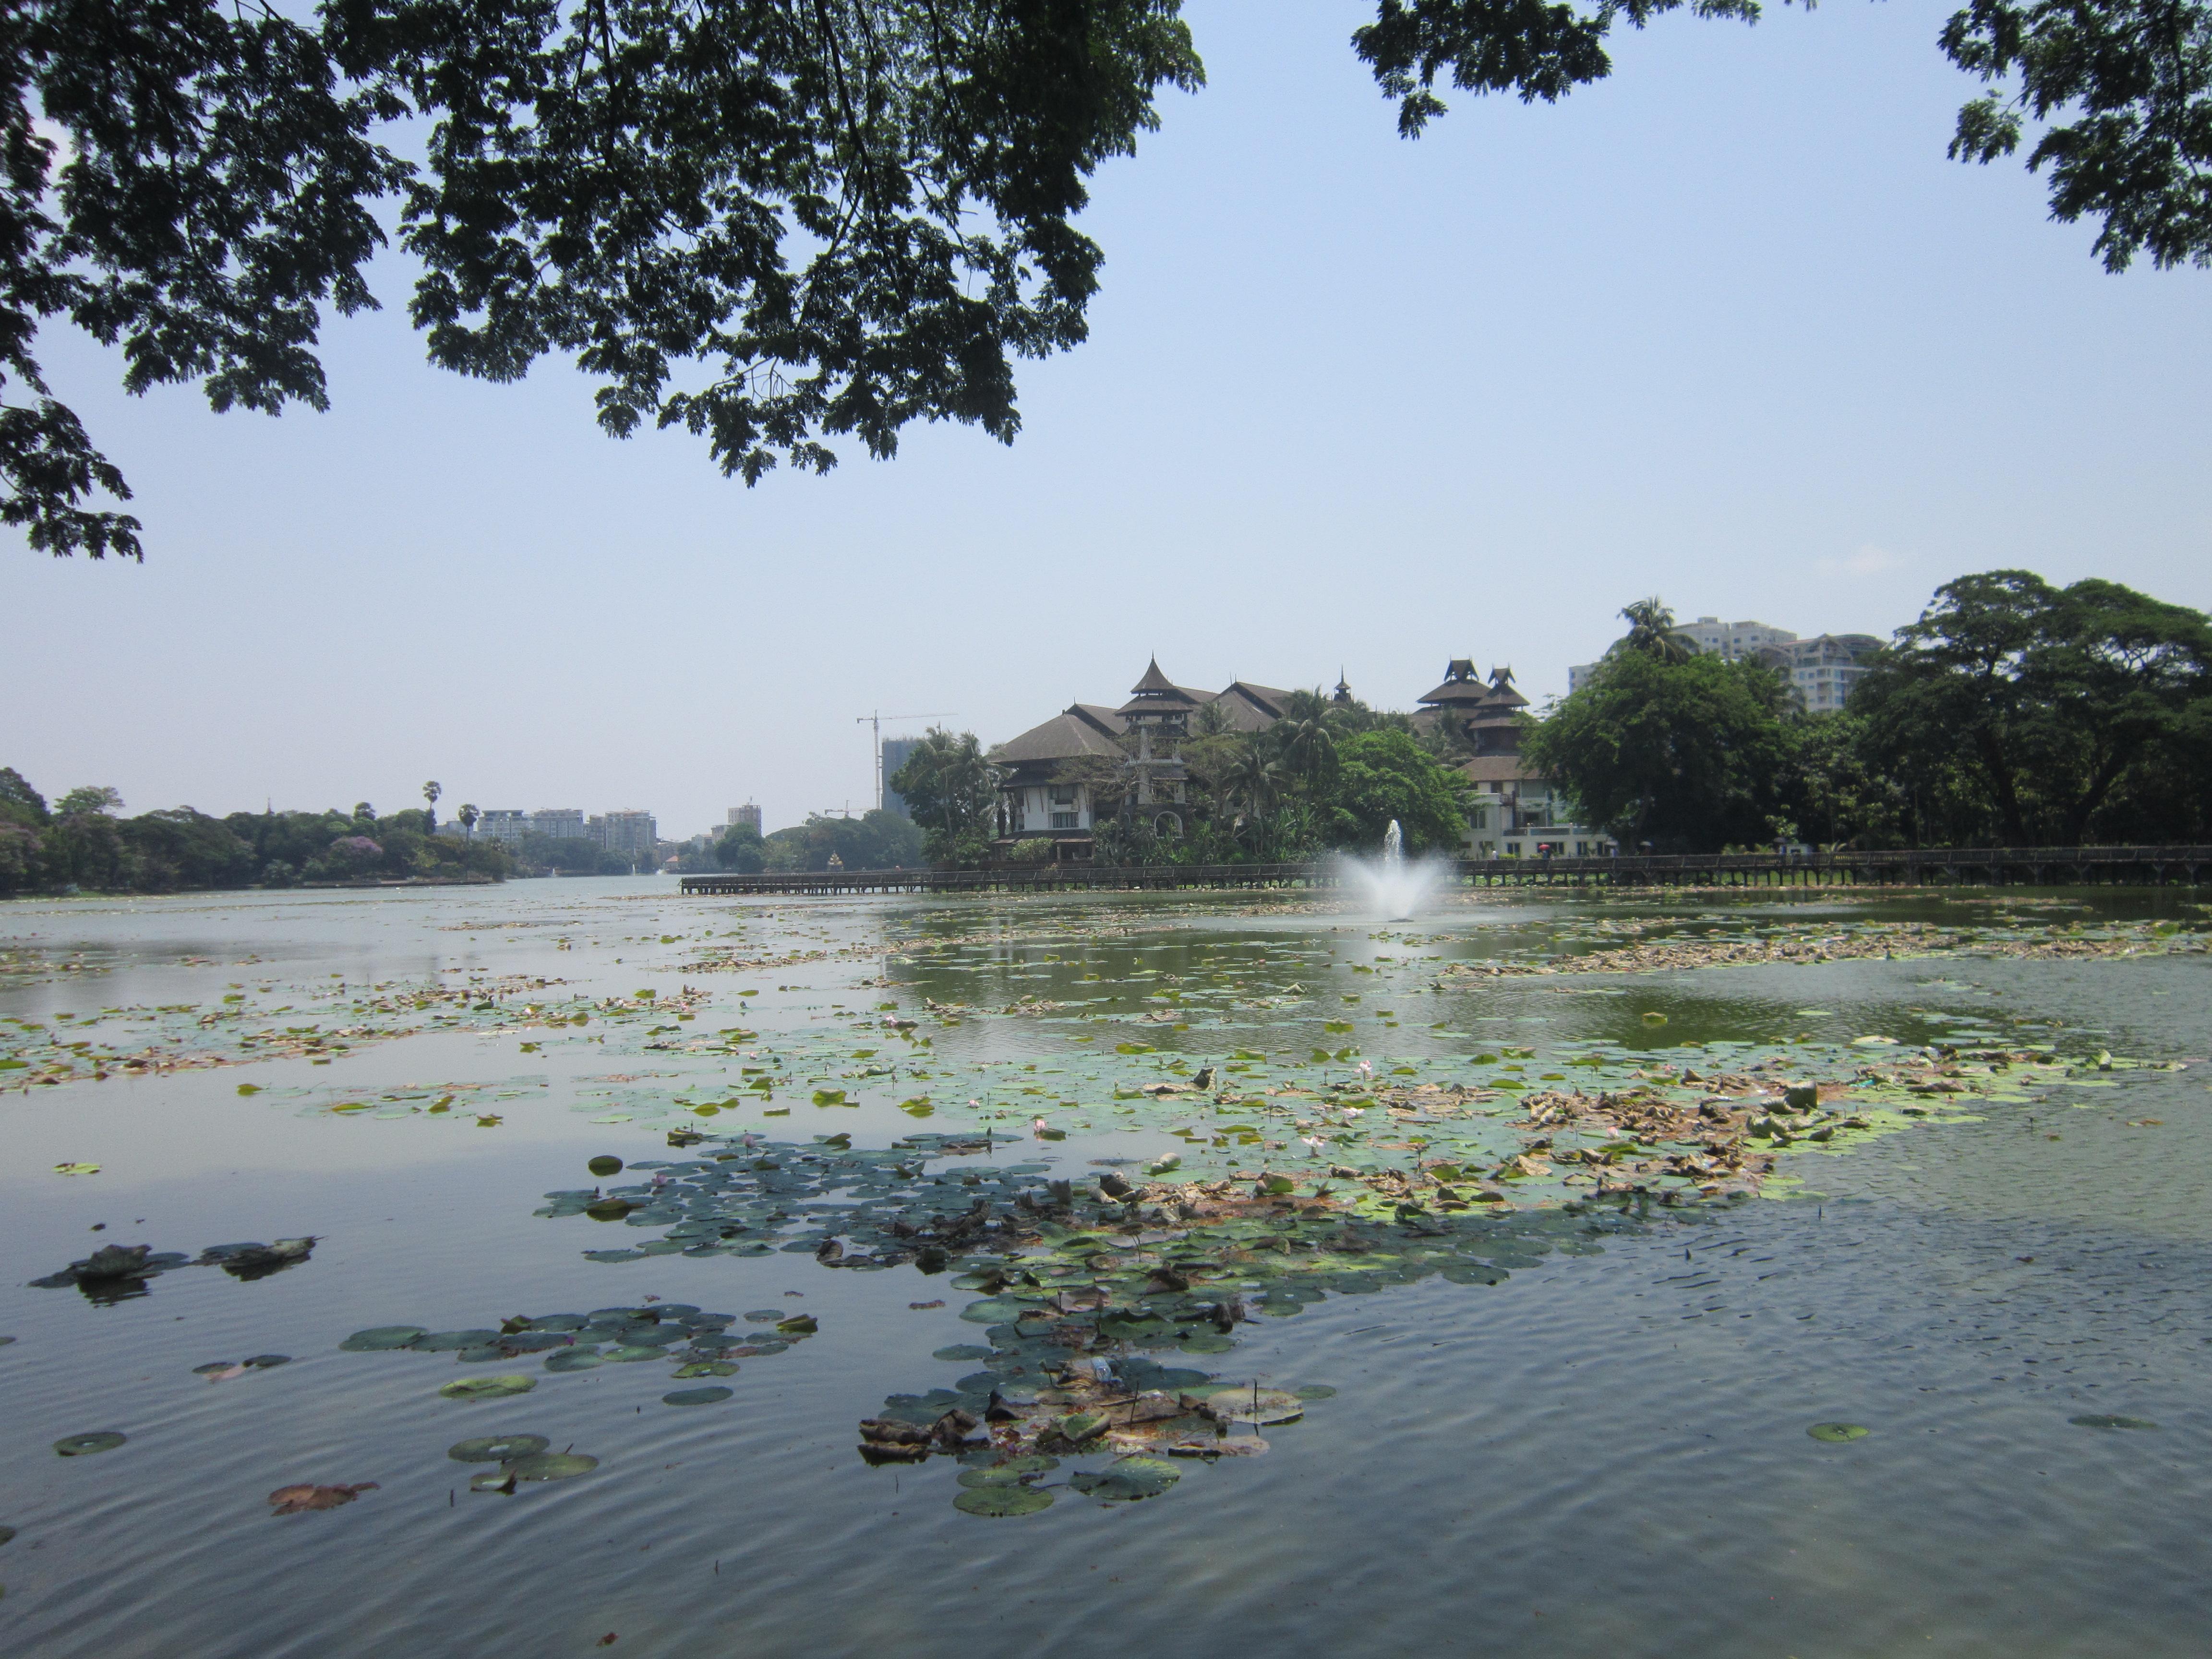 Kandawgyi lake